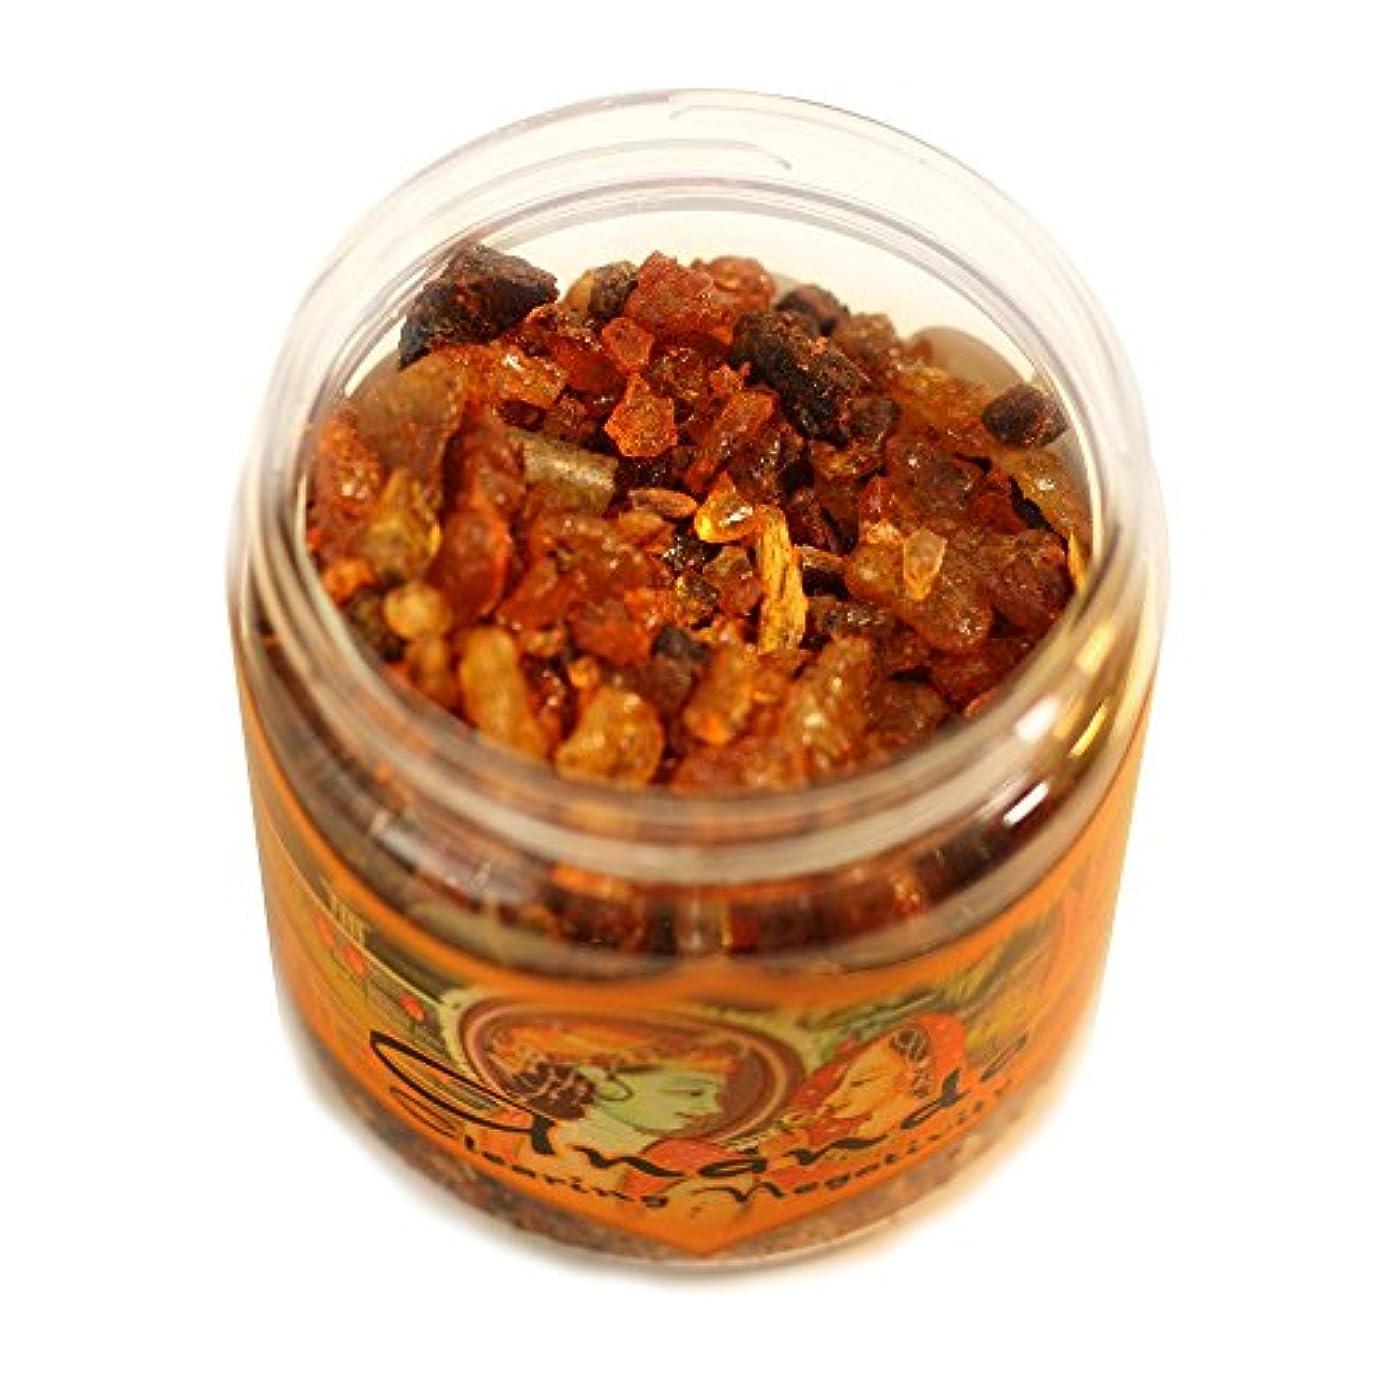 巨大チーズ路地樹脂Incense Ananda – Clearing Negativity – 2.4oz Jar